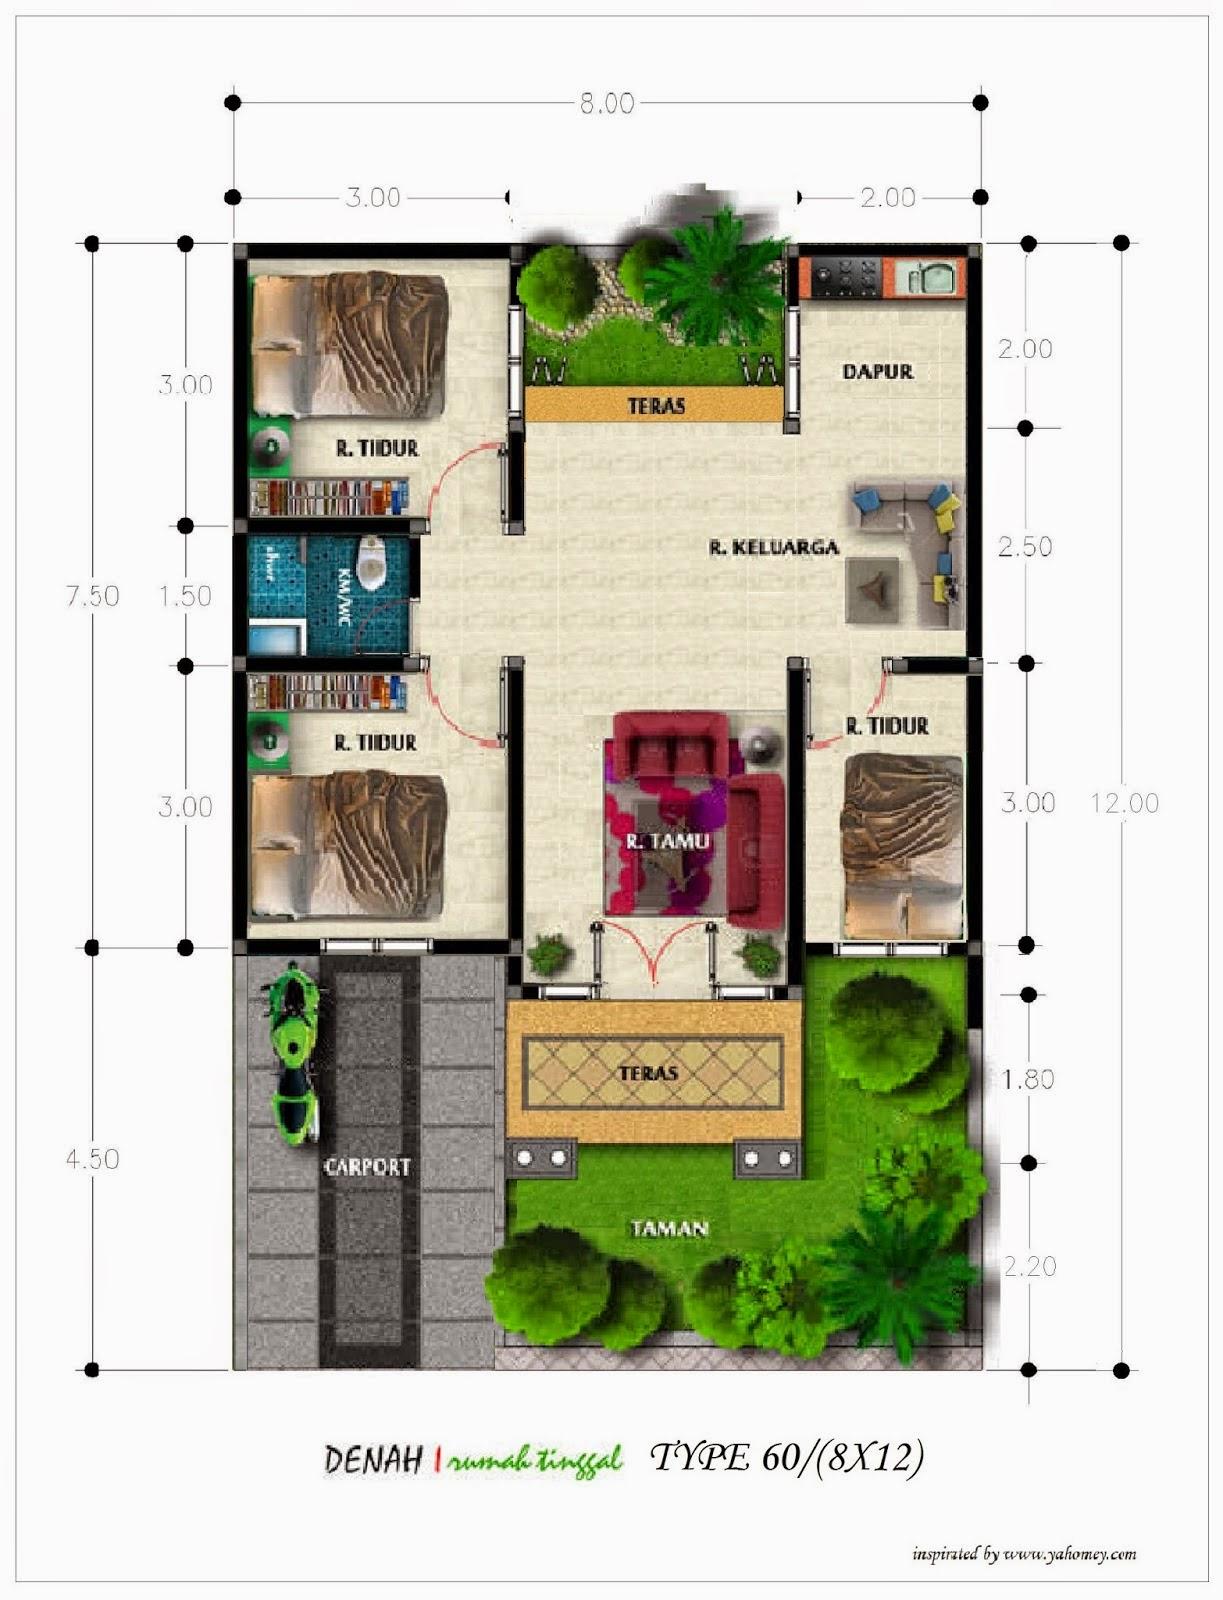 Desain Rumah Minimalis 12 X 15 Foto Desain Rumah Terbaru 2016